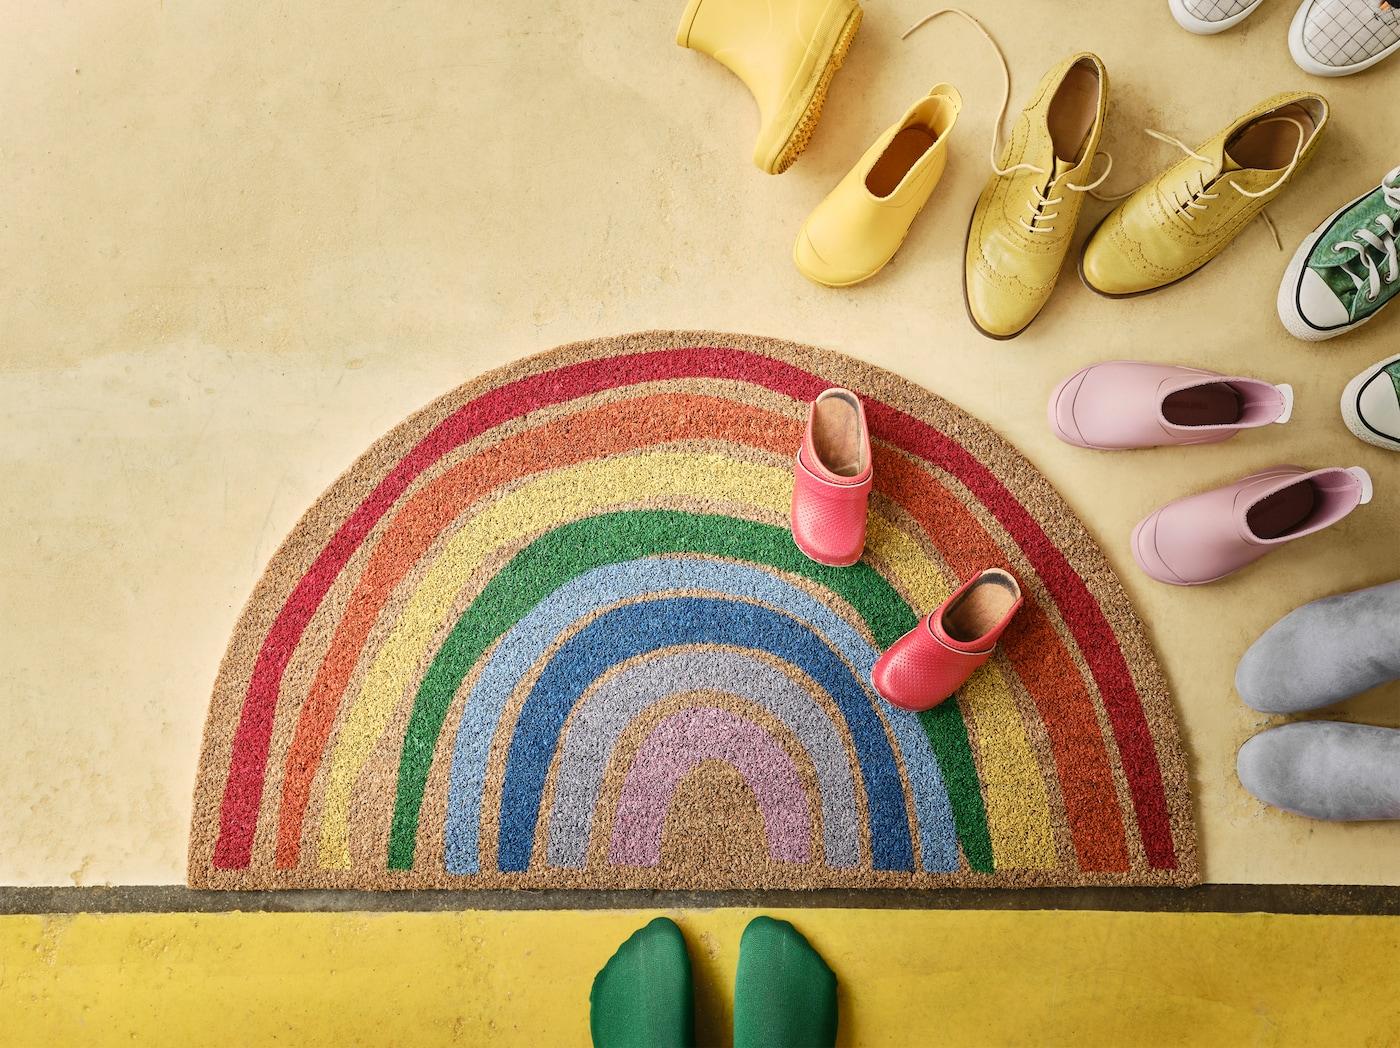 Felpudo PILLEMARK con diseño de arco iris sobre un suelo amarillo con zapatos de colores y un par de pies con calcetines verdes.